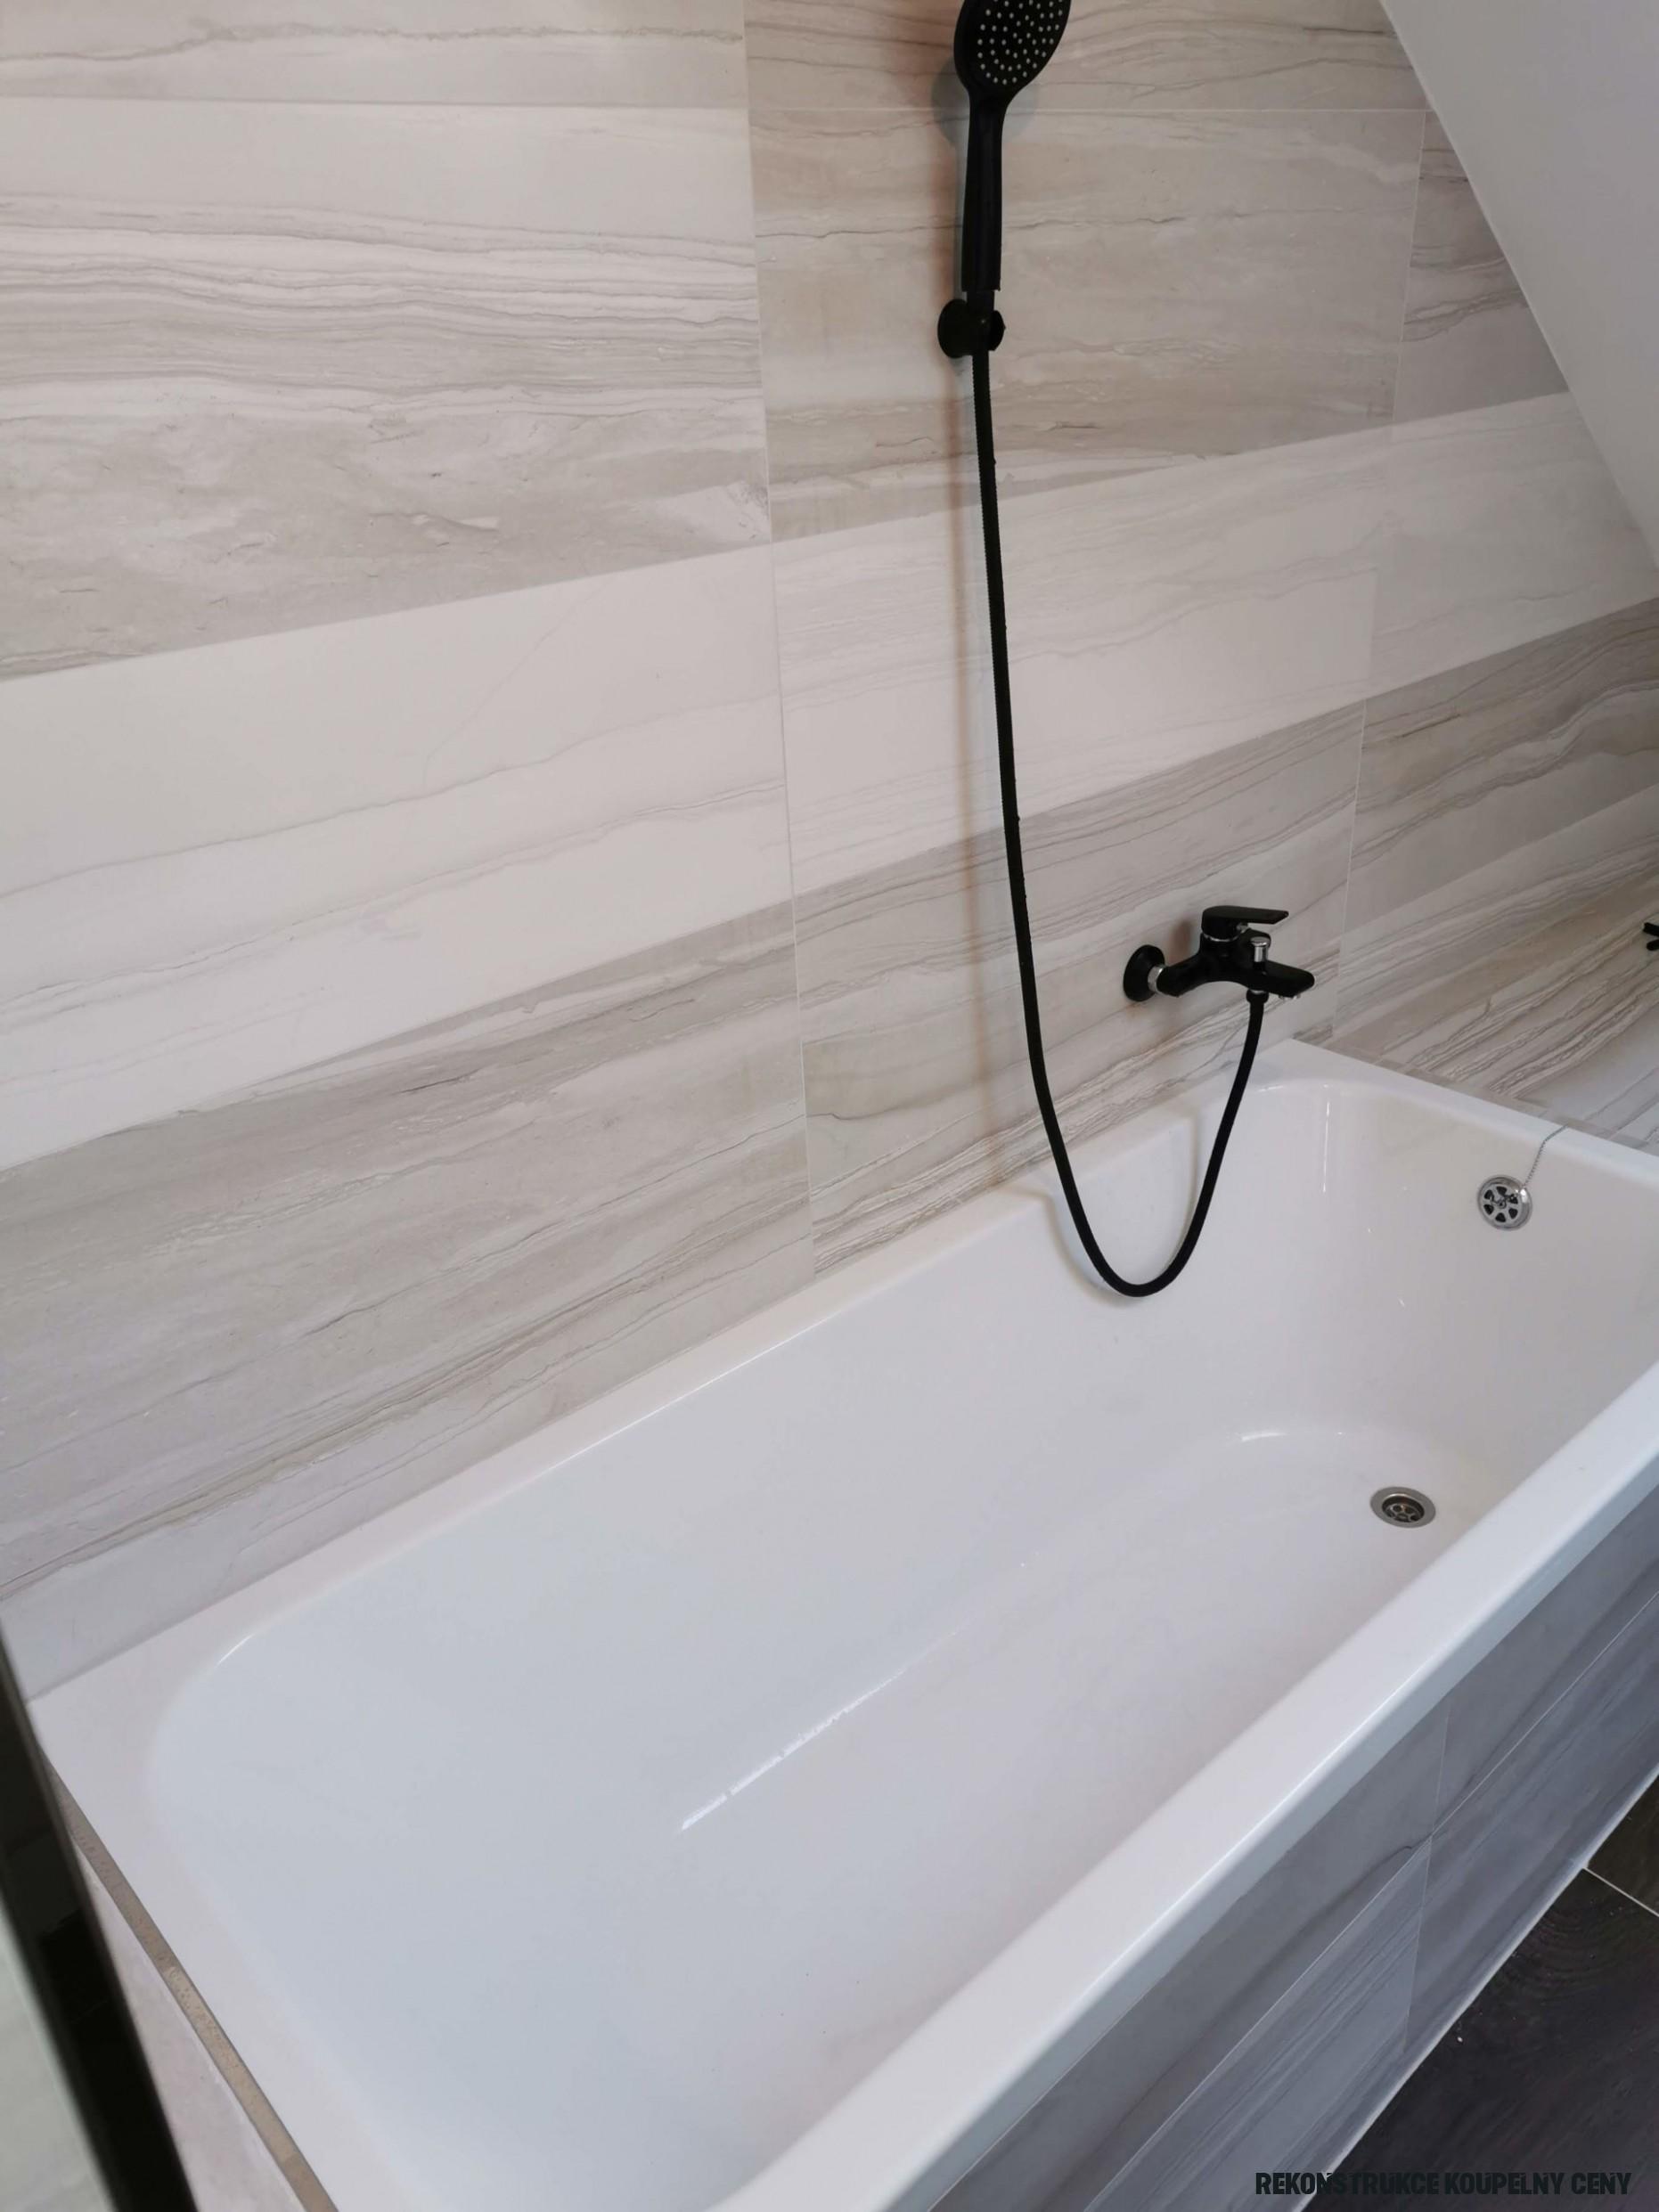 Rekonstrukce koupelny Brno  Levně se 18% zárukou a bonusem